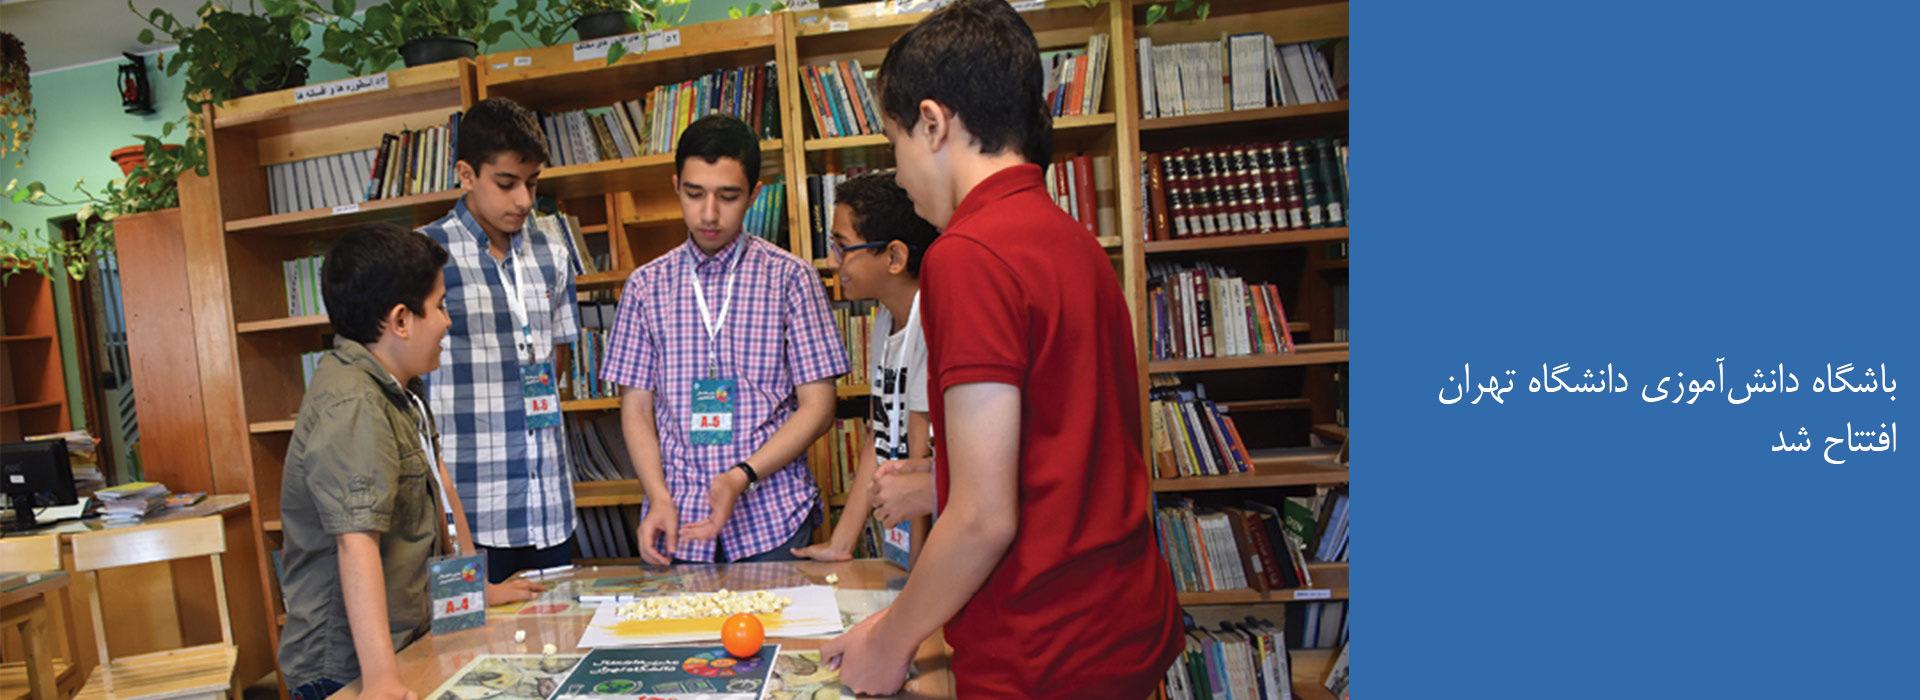 باشگاه دانشآموزی دانشگاه تهران افتتاح شد